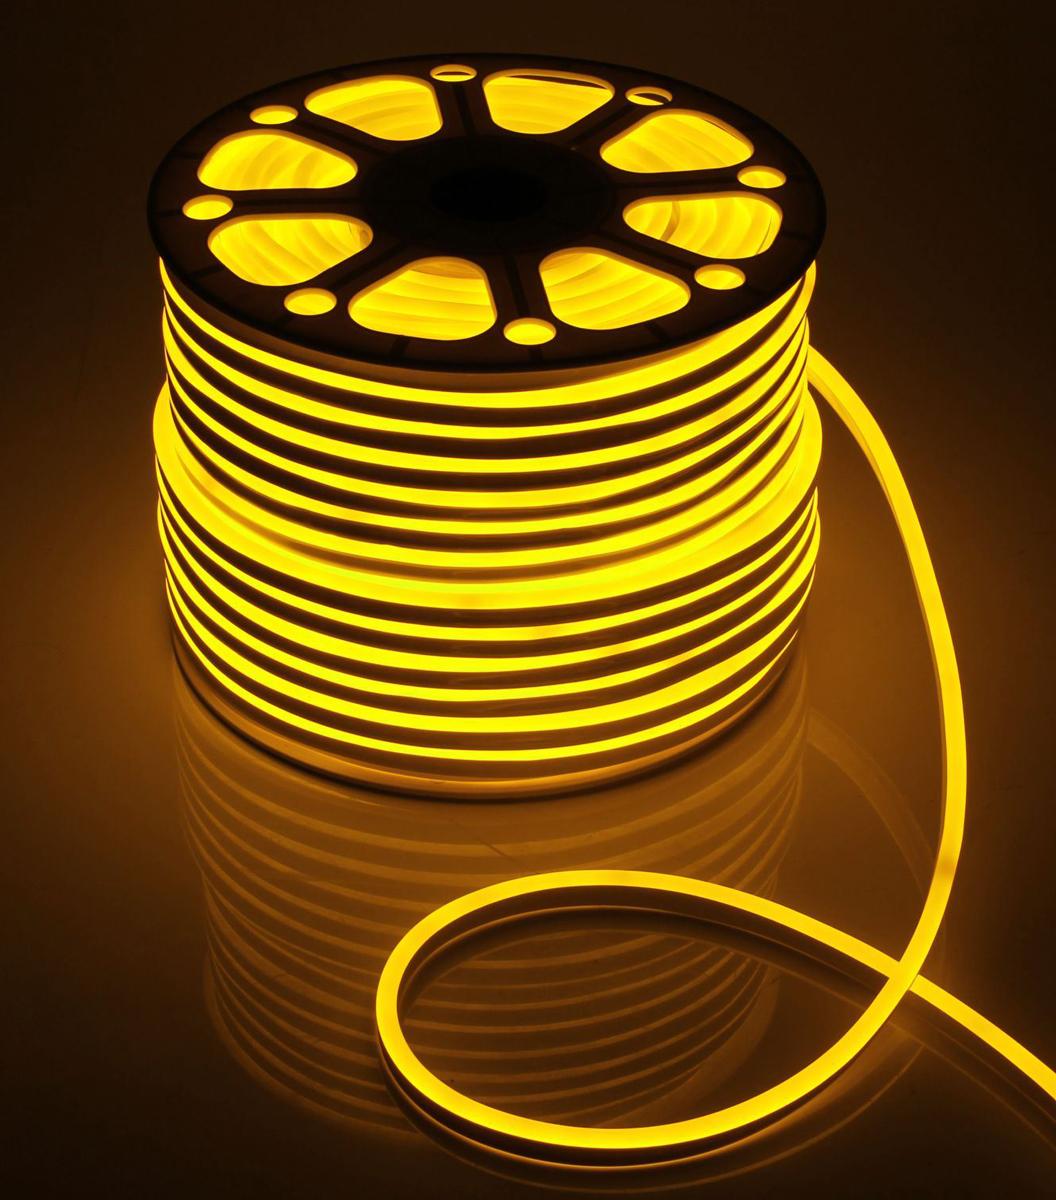 Гирлянда светодиодная  Luazon , 120 ламп, 220 V, цвет: желтый, 0,8 см х 1,6 см х 100 м. 1431274 -  Гирлянды и светильники